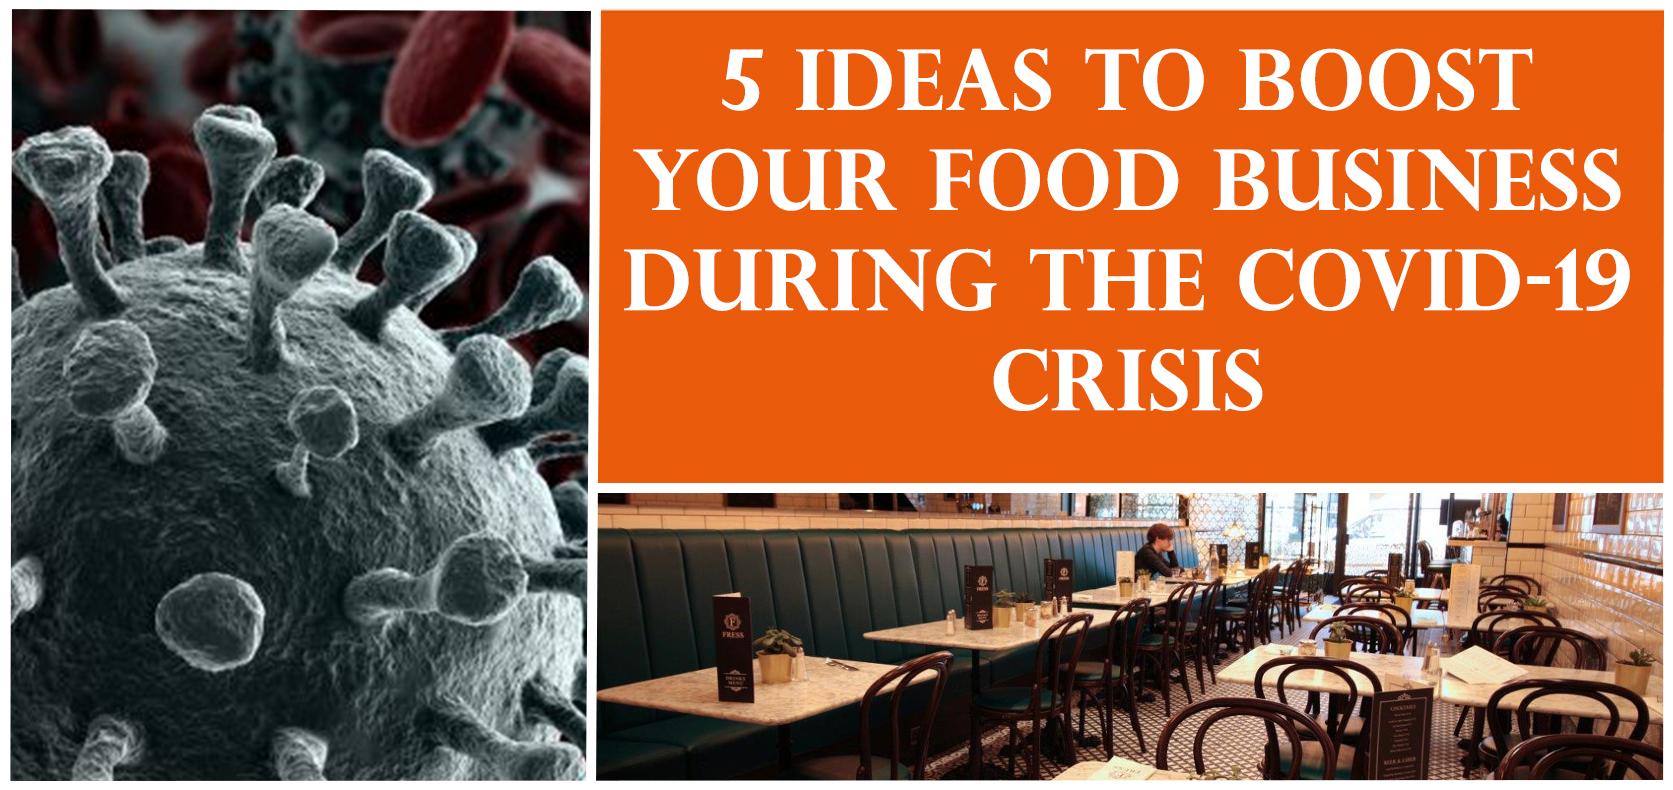 COVID-19 hospitality ideas